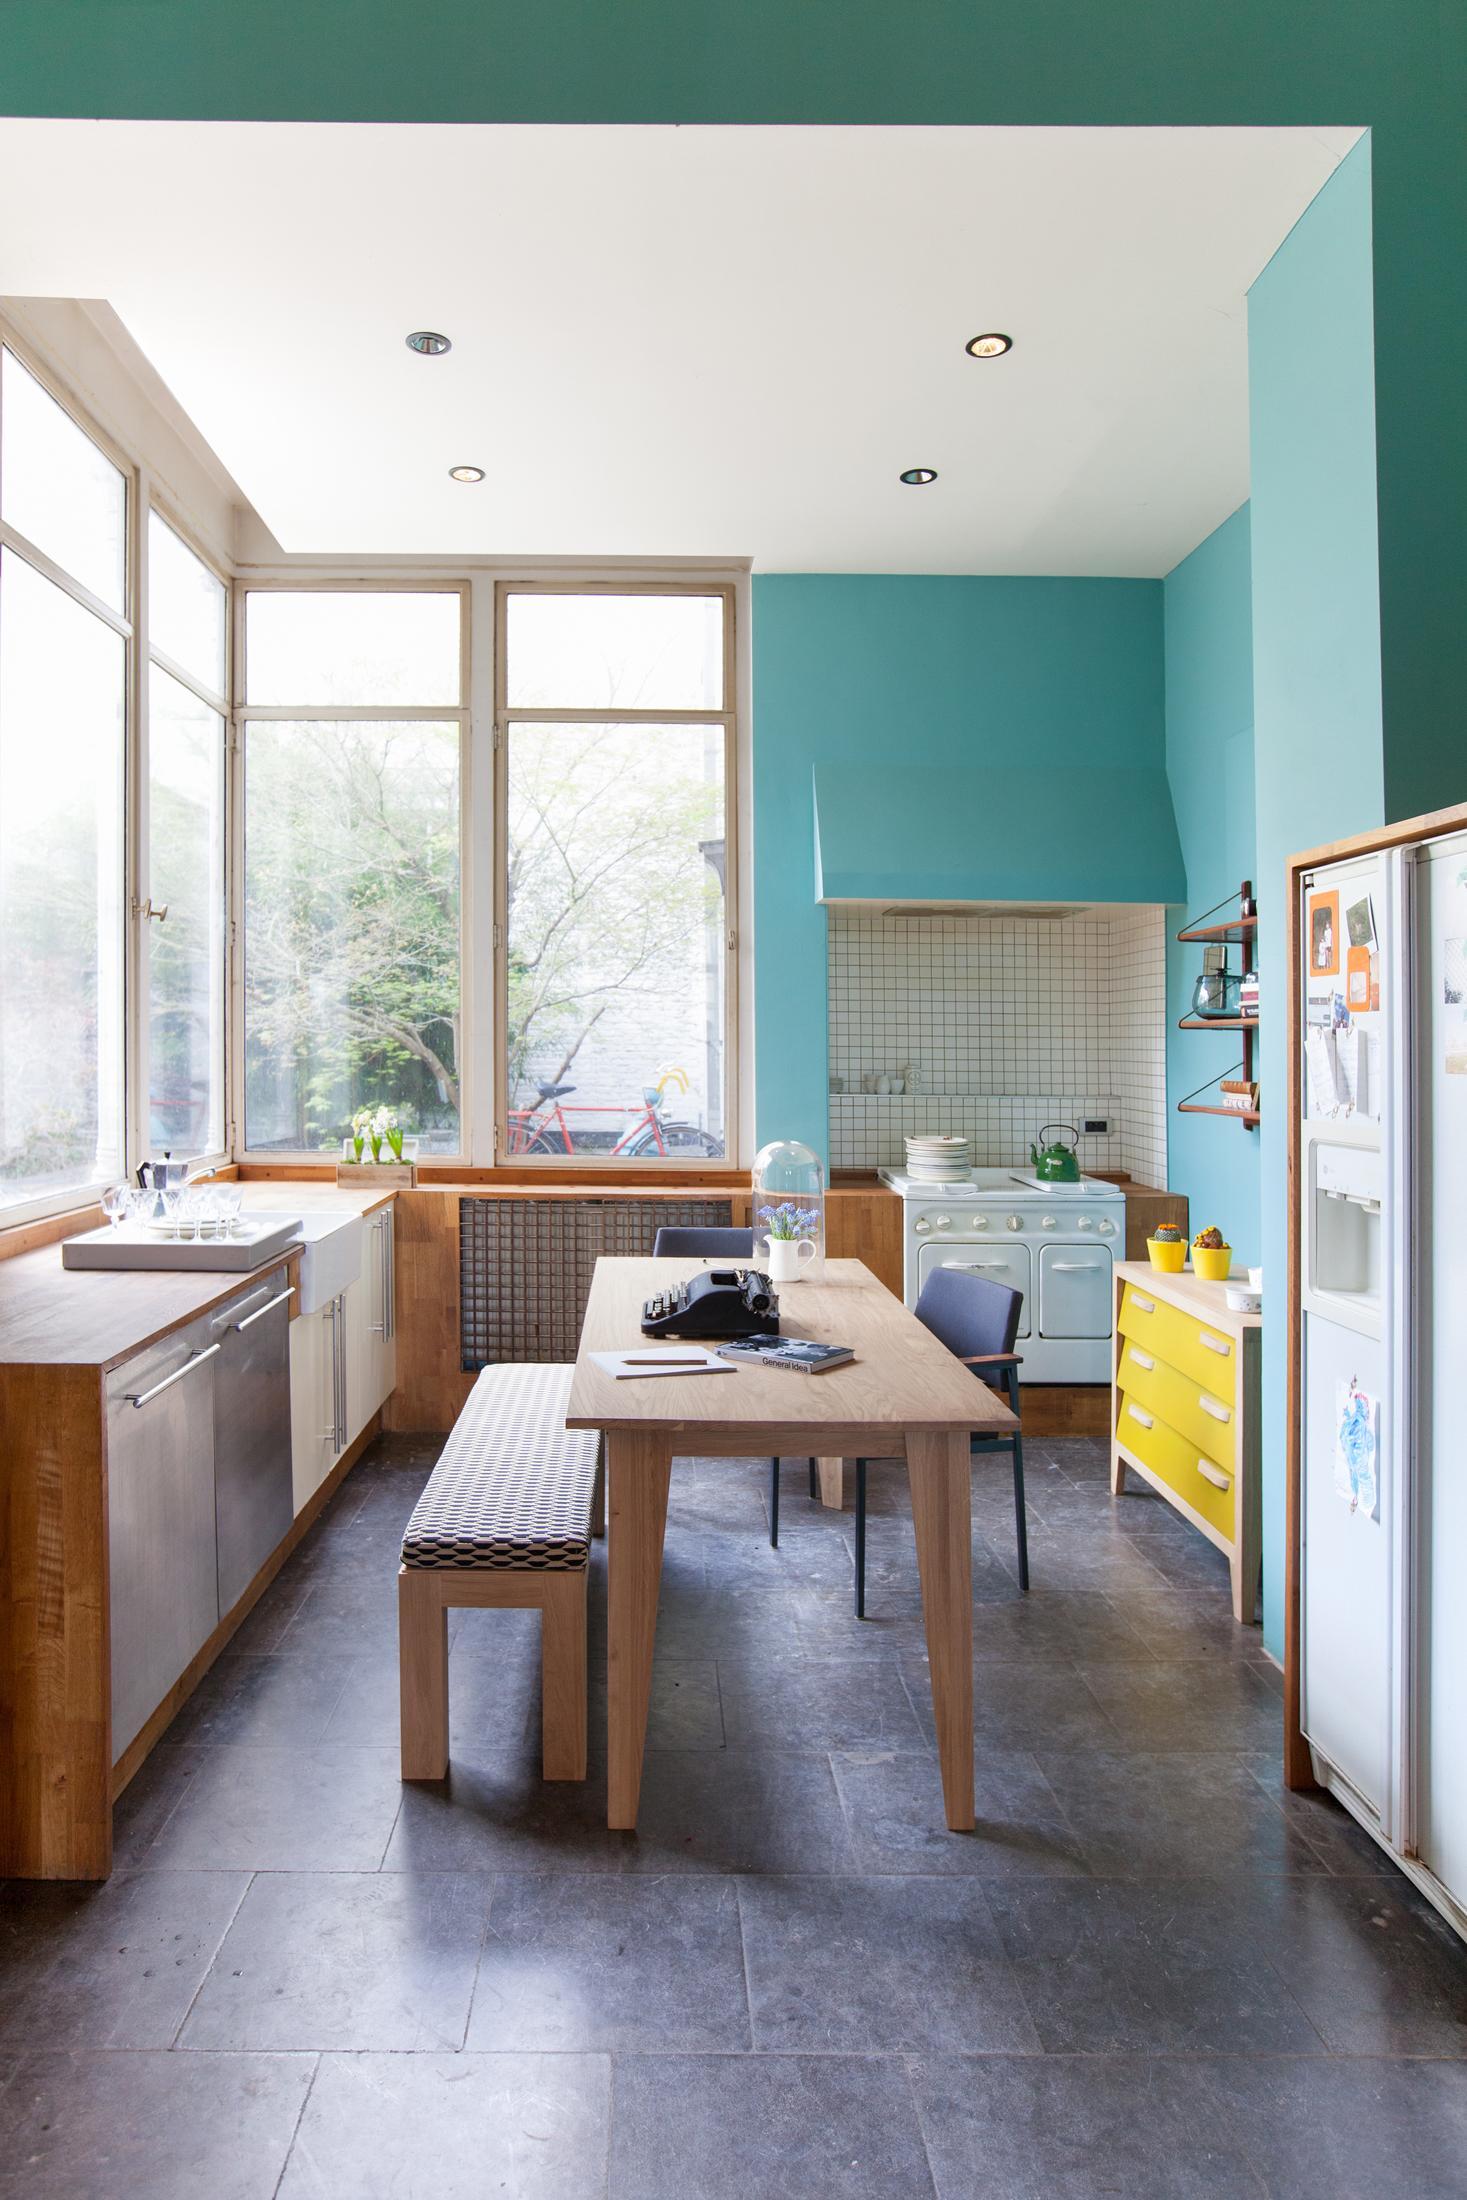 individuelle wandgestaltung in der kche kche holztisch esstisch wandgestaltung sitzbank - Kuche Wandgestaltung